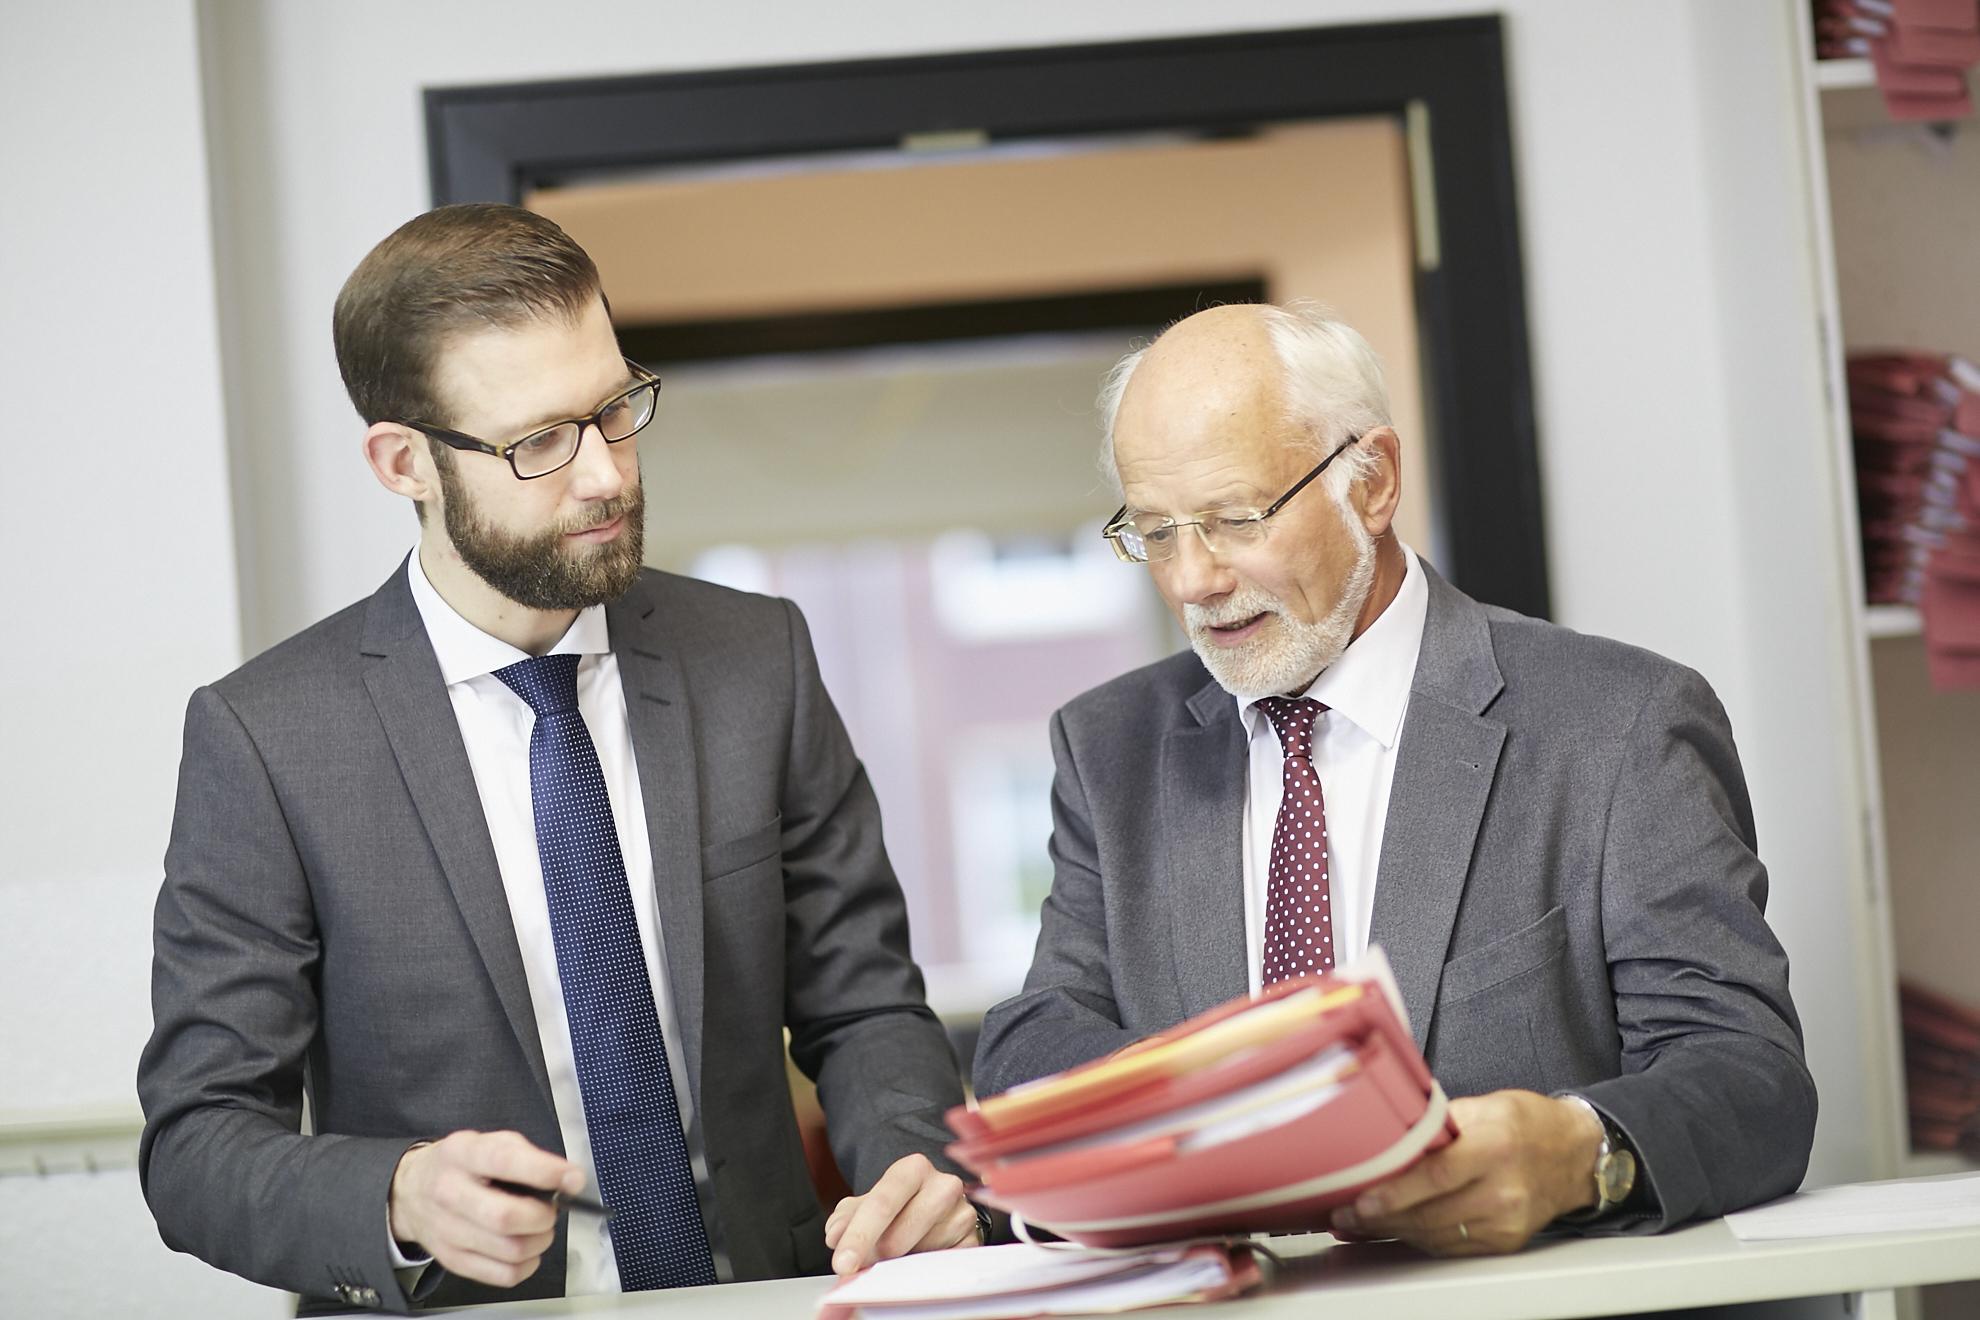 Herbert Geraats und Tobias Wissing in der Kanzlei Geraats & Kollegen in Münster.